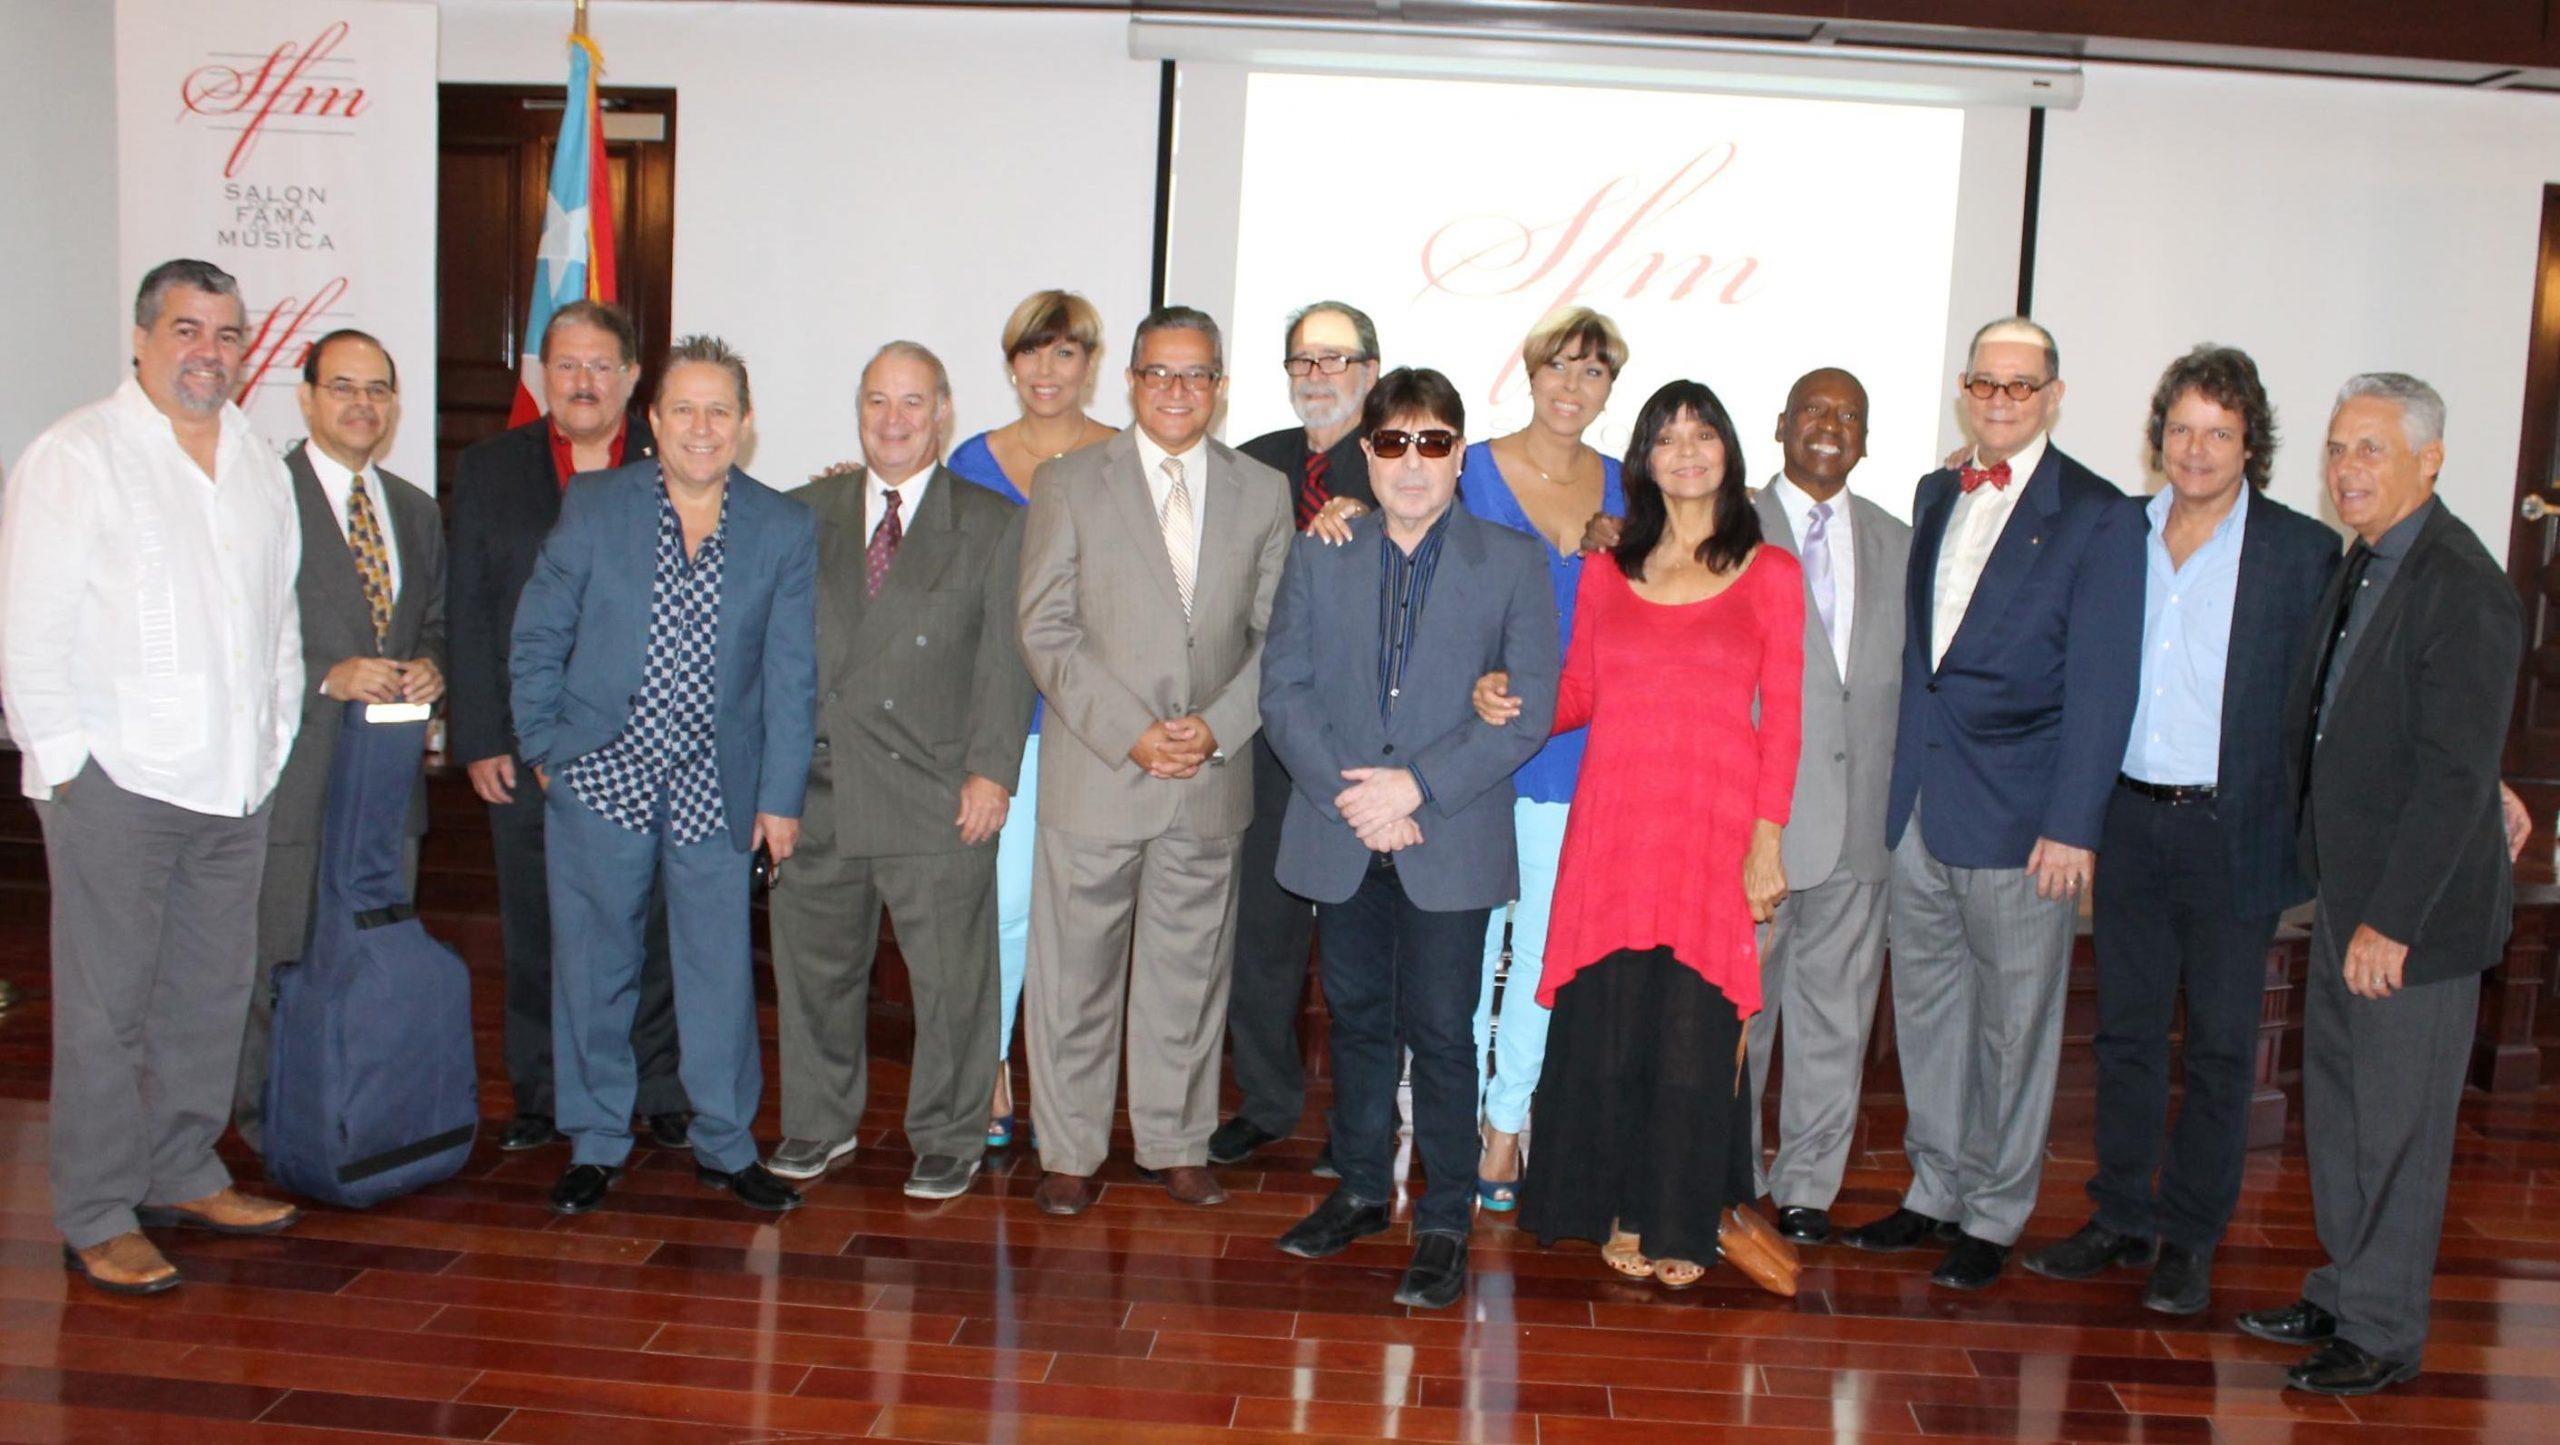 Numerosos artistas asistieron a la conferencia donde se anuninció sus respectivas nominaciones al Salón de la Fama. (Foto Edgar Torres para Fundación Nacional para la Cultura Popular)